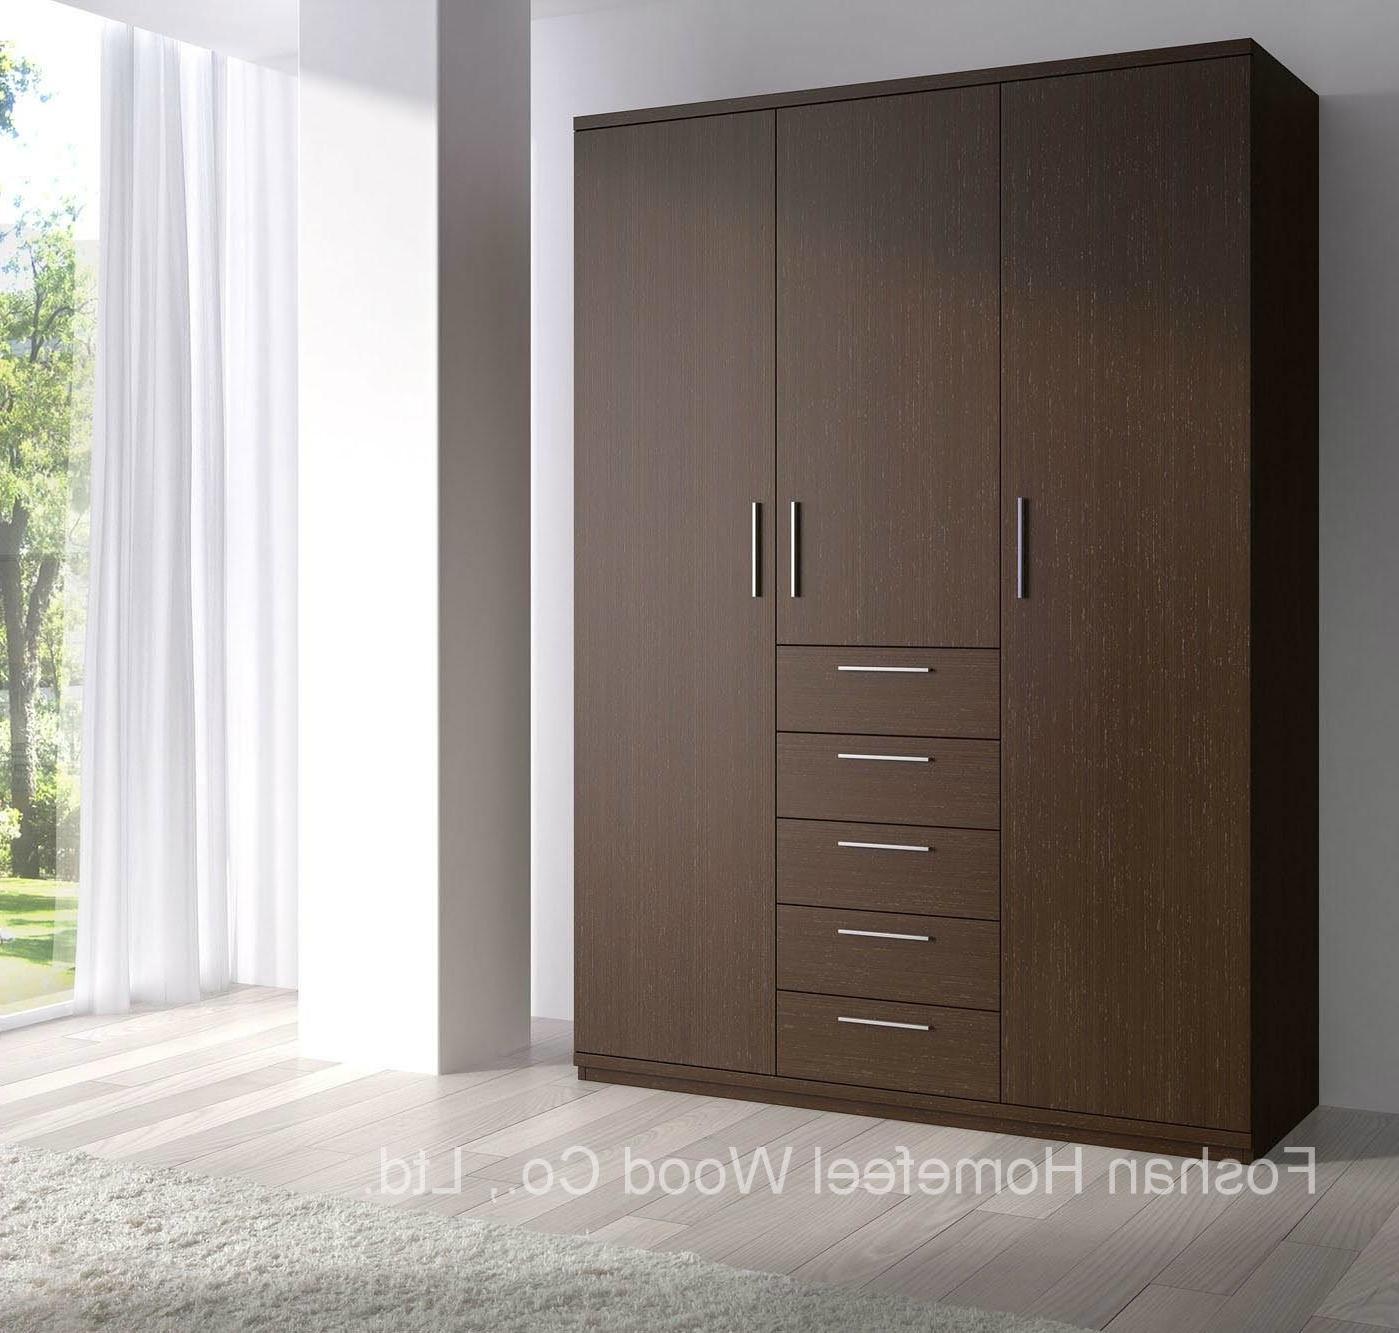 Dark Brown Wardrobes With Regard To Trendy China Dark Brown Wooden Wardrobe With 3 Door Modern Furniture (Hf (View 6 of 15)